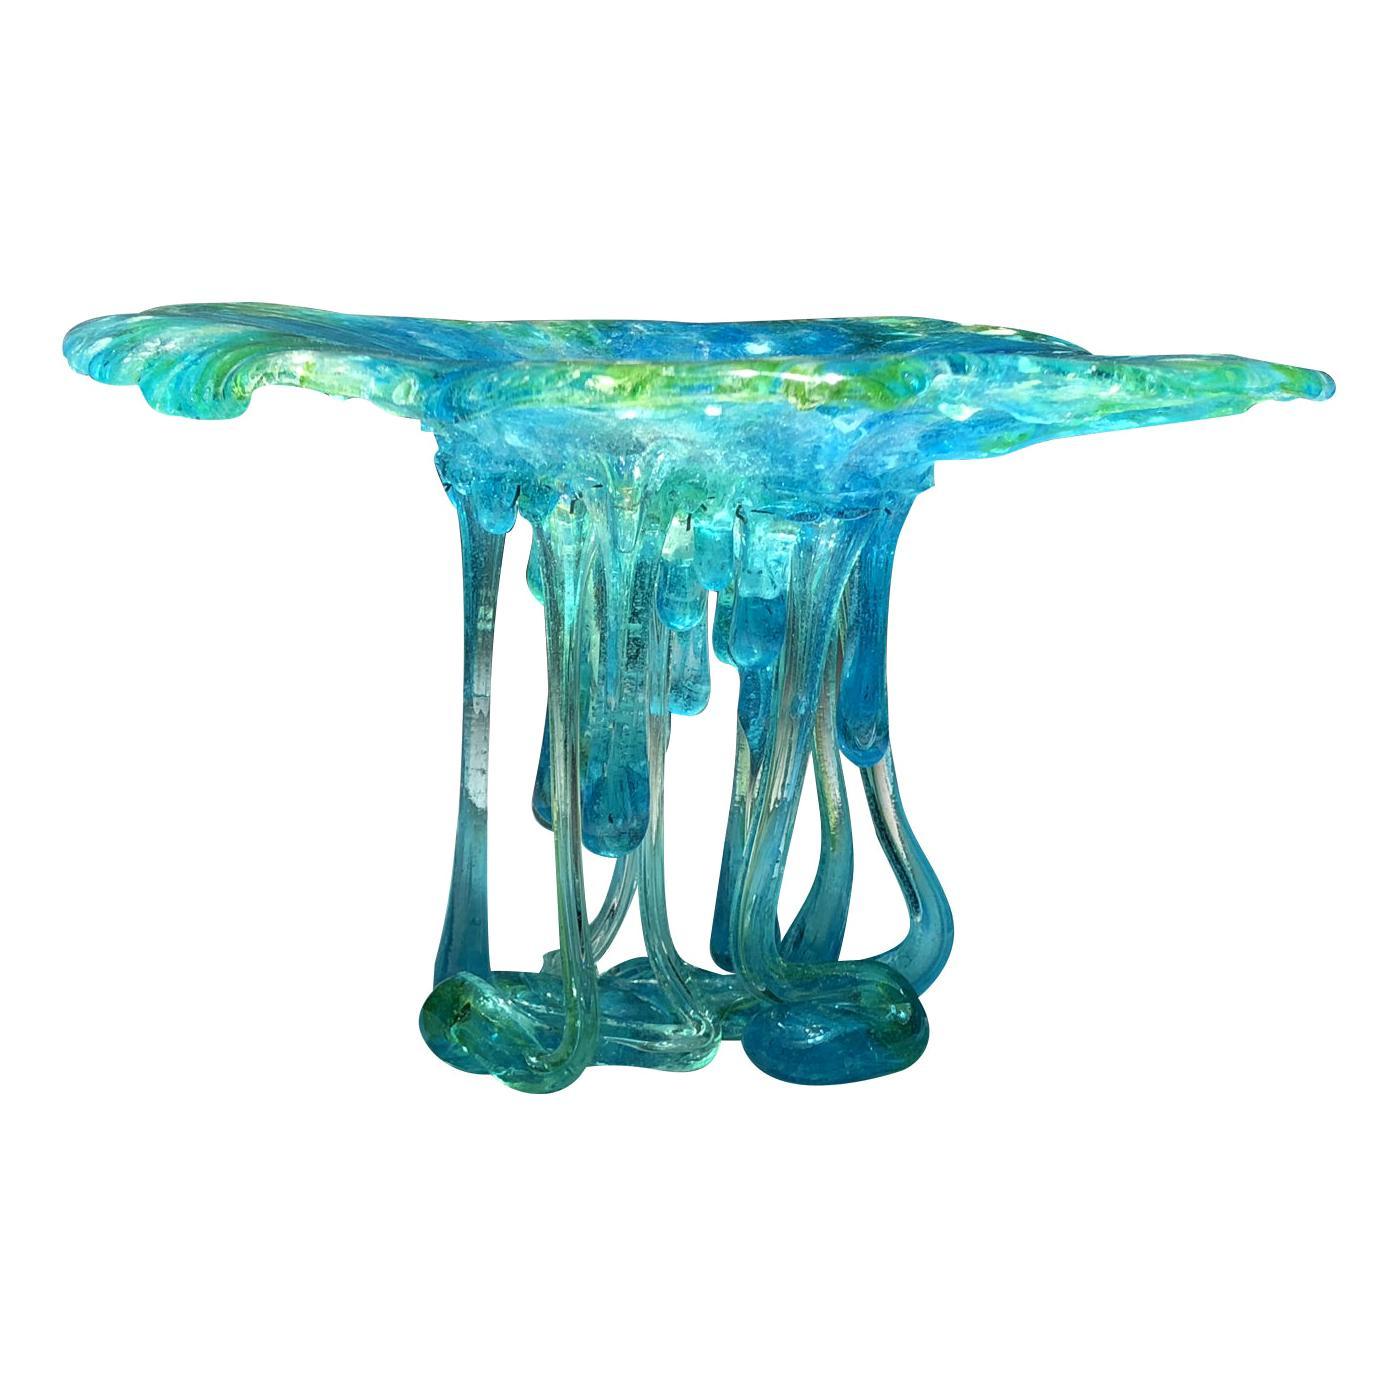 Turquoise Jellyfish Murano Glass Sculpture